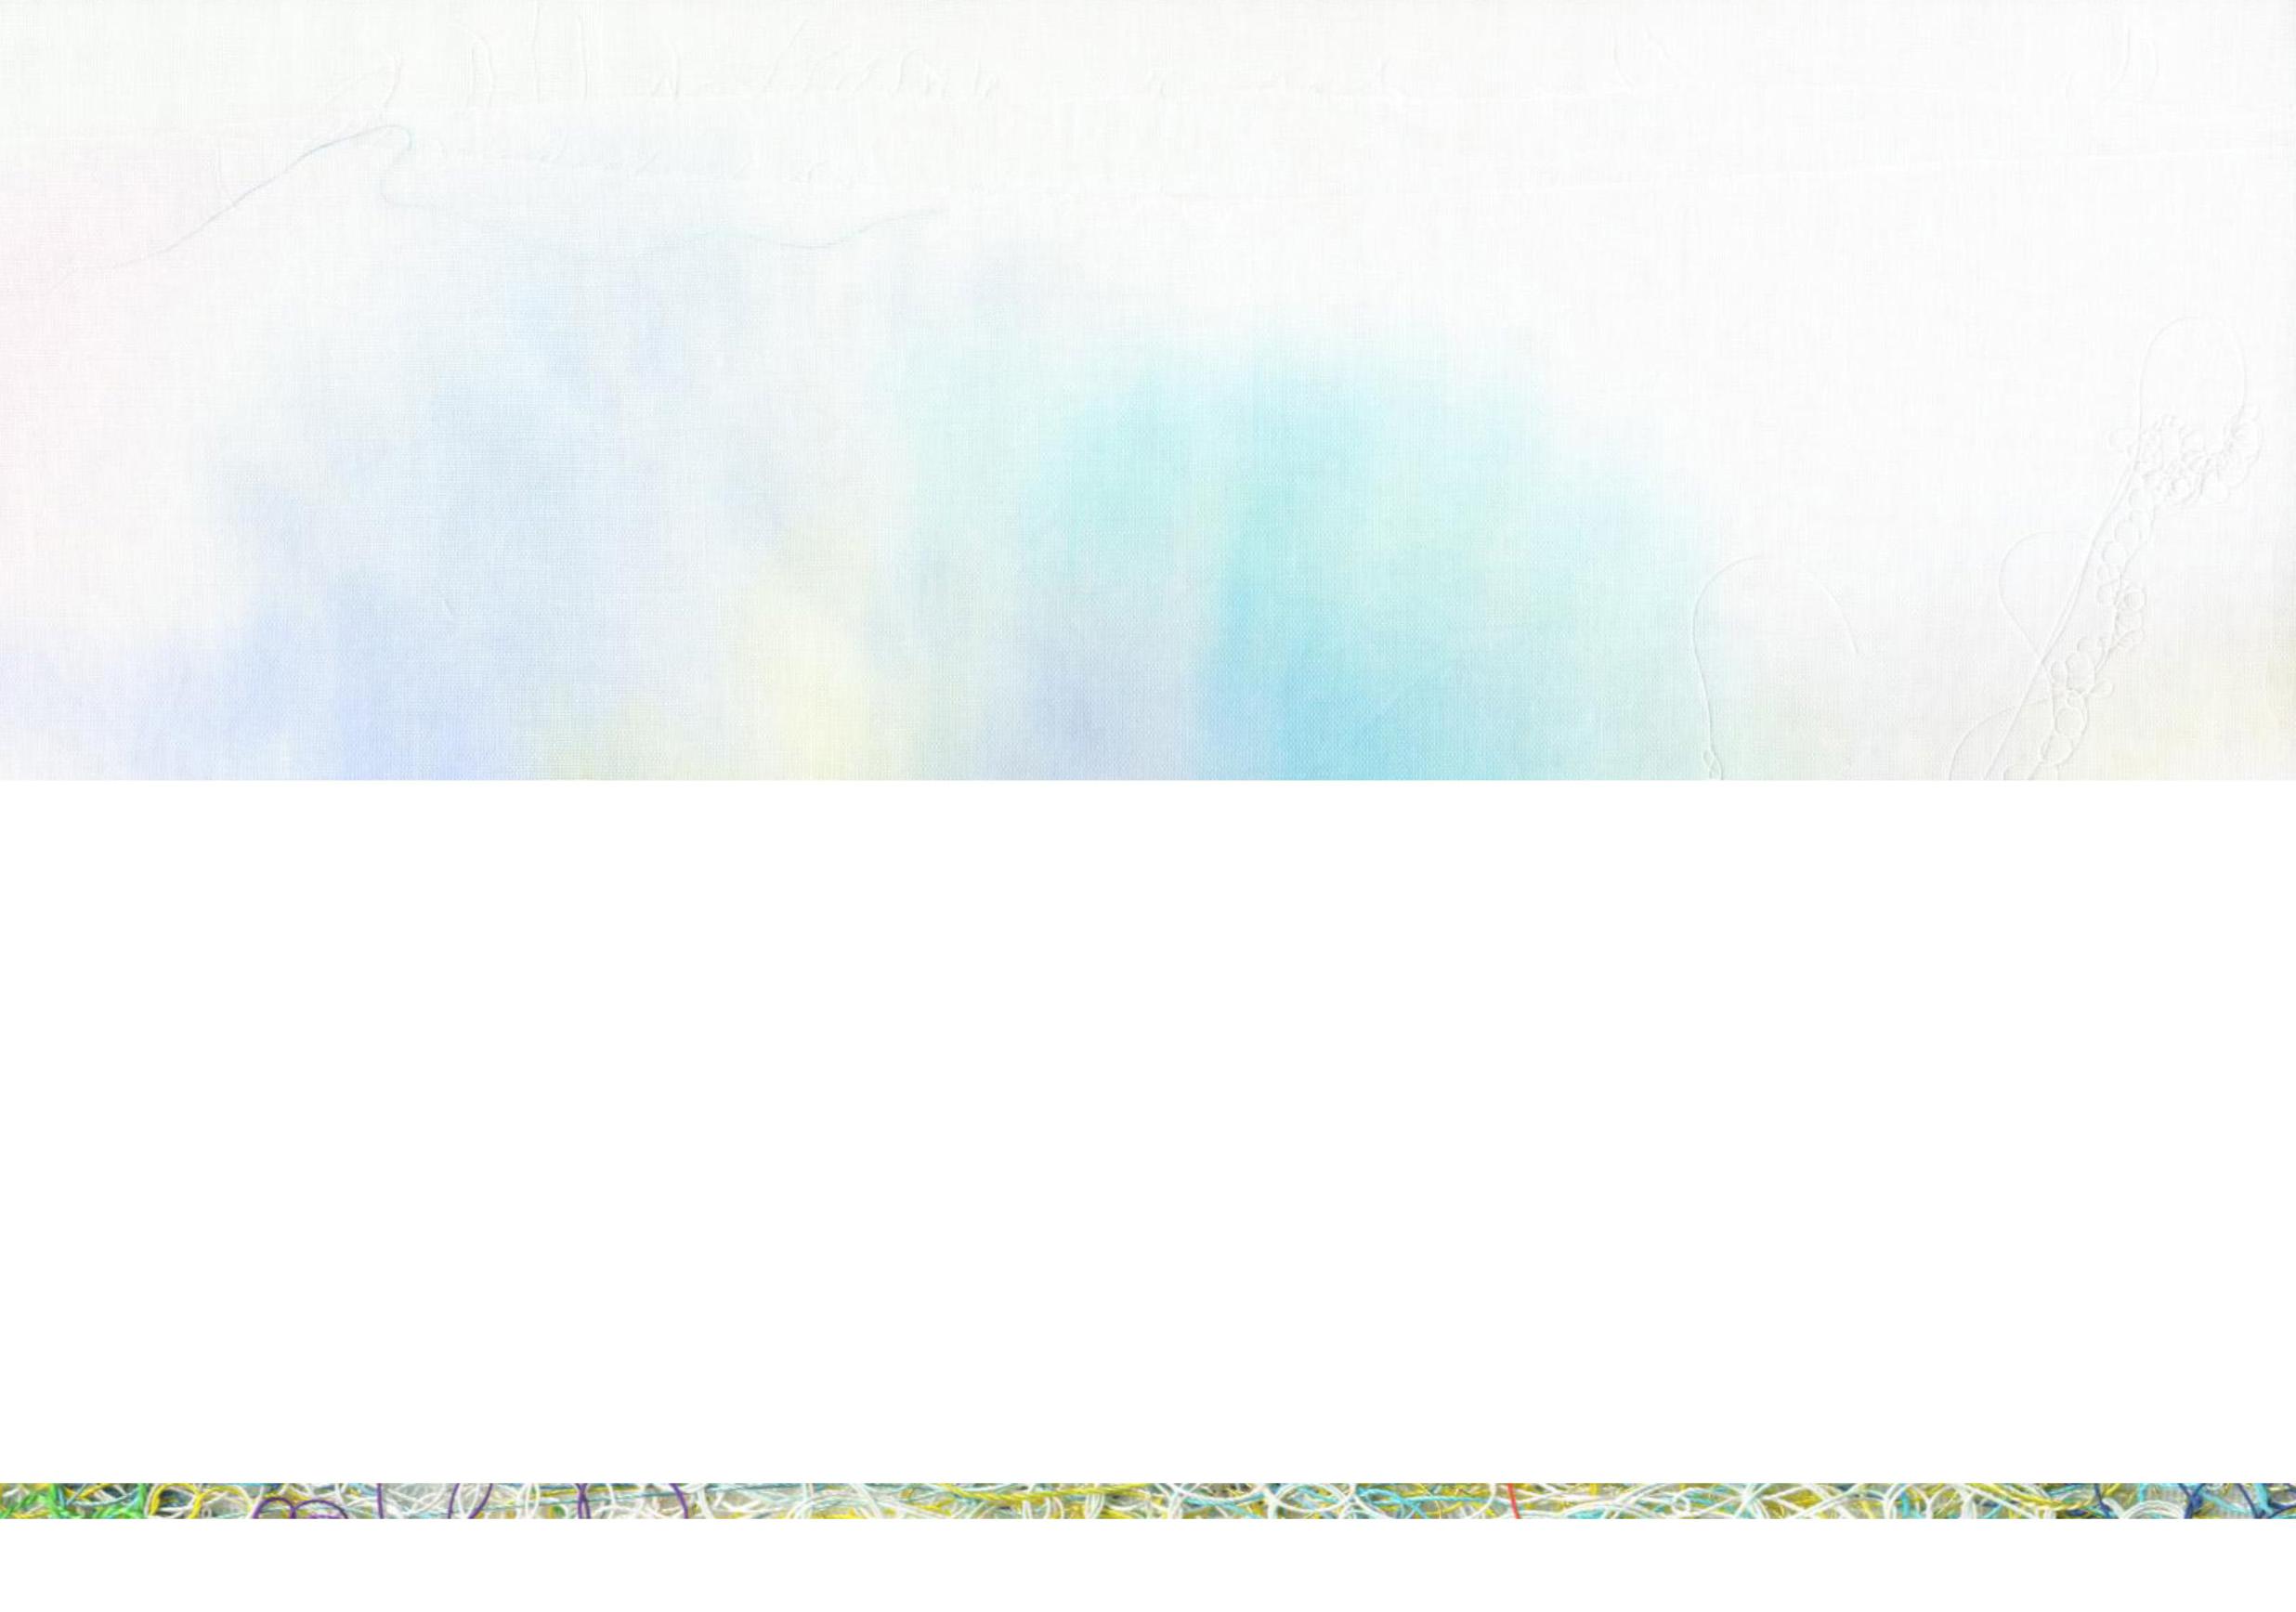 市村朋子 個展/Tomoko Ichimura Solo Exhibition_c0164399_19181660.jpg